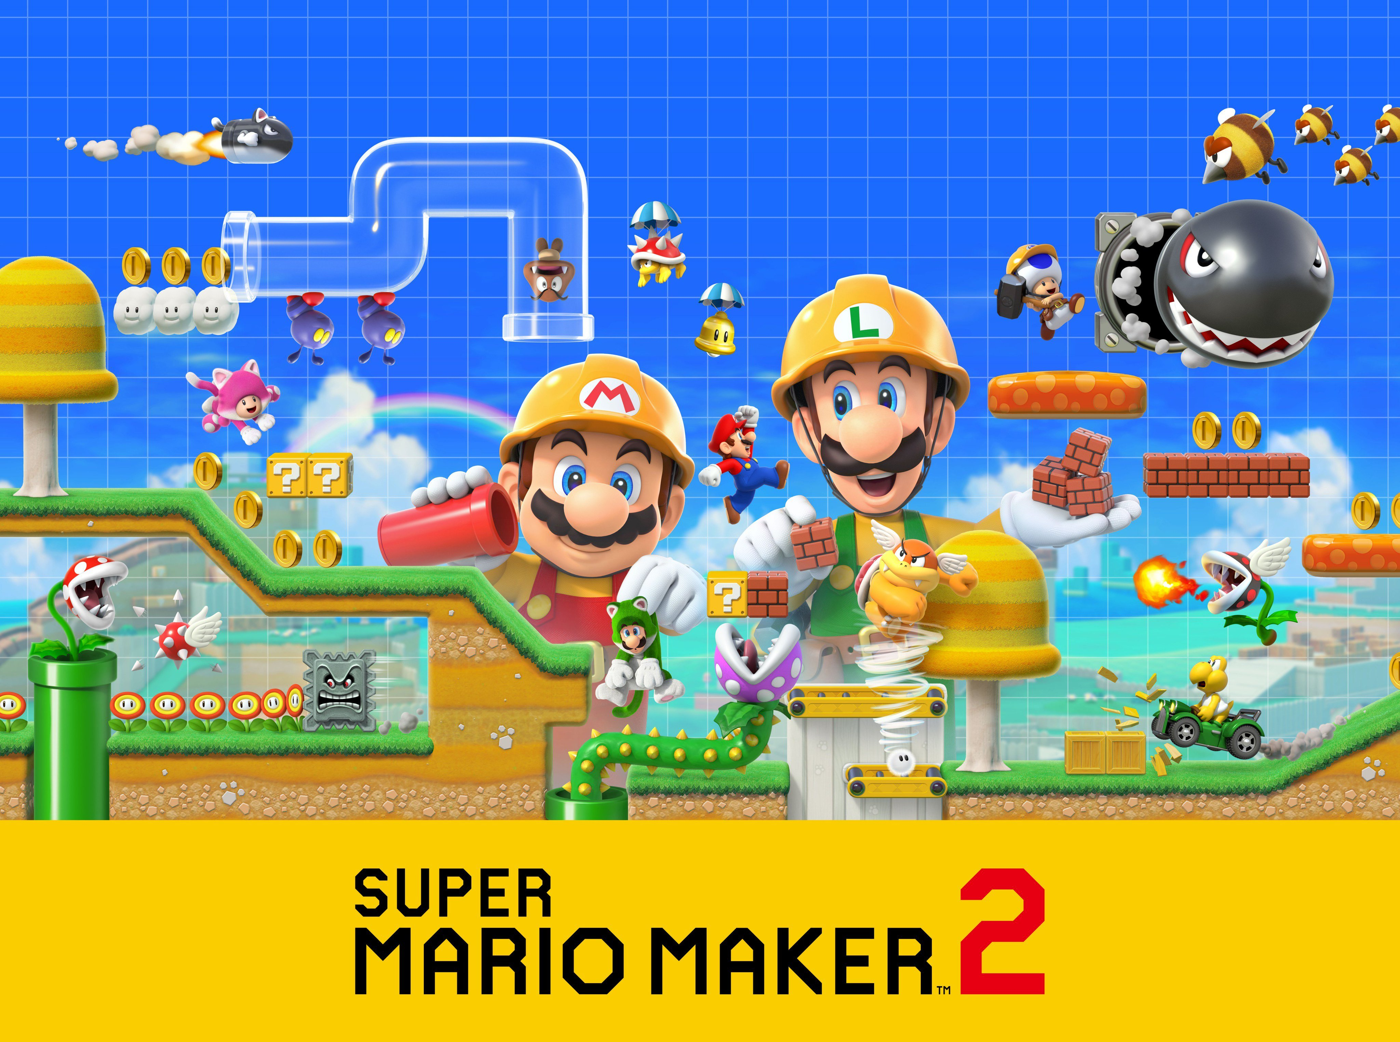 Amiibo w Super Mario Maker 2 mogą nie działać